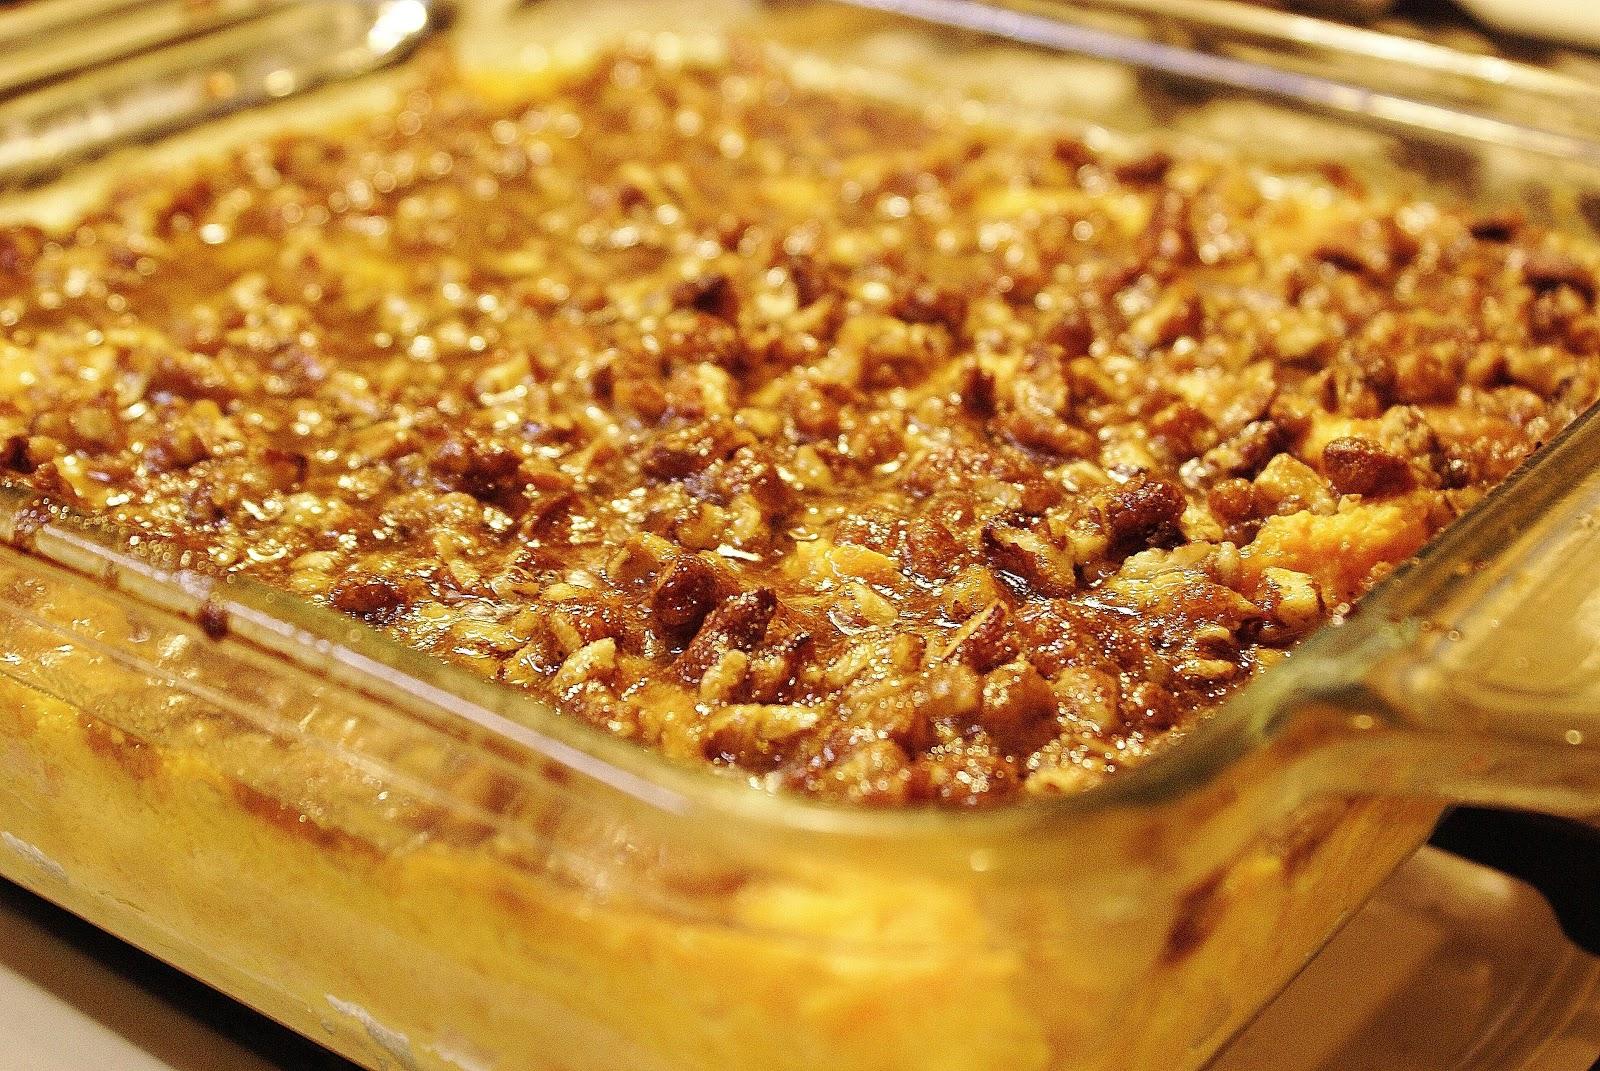 ... classic sweet potato casserole recipe yummly traditional sweet potato